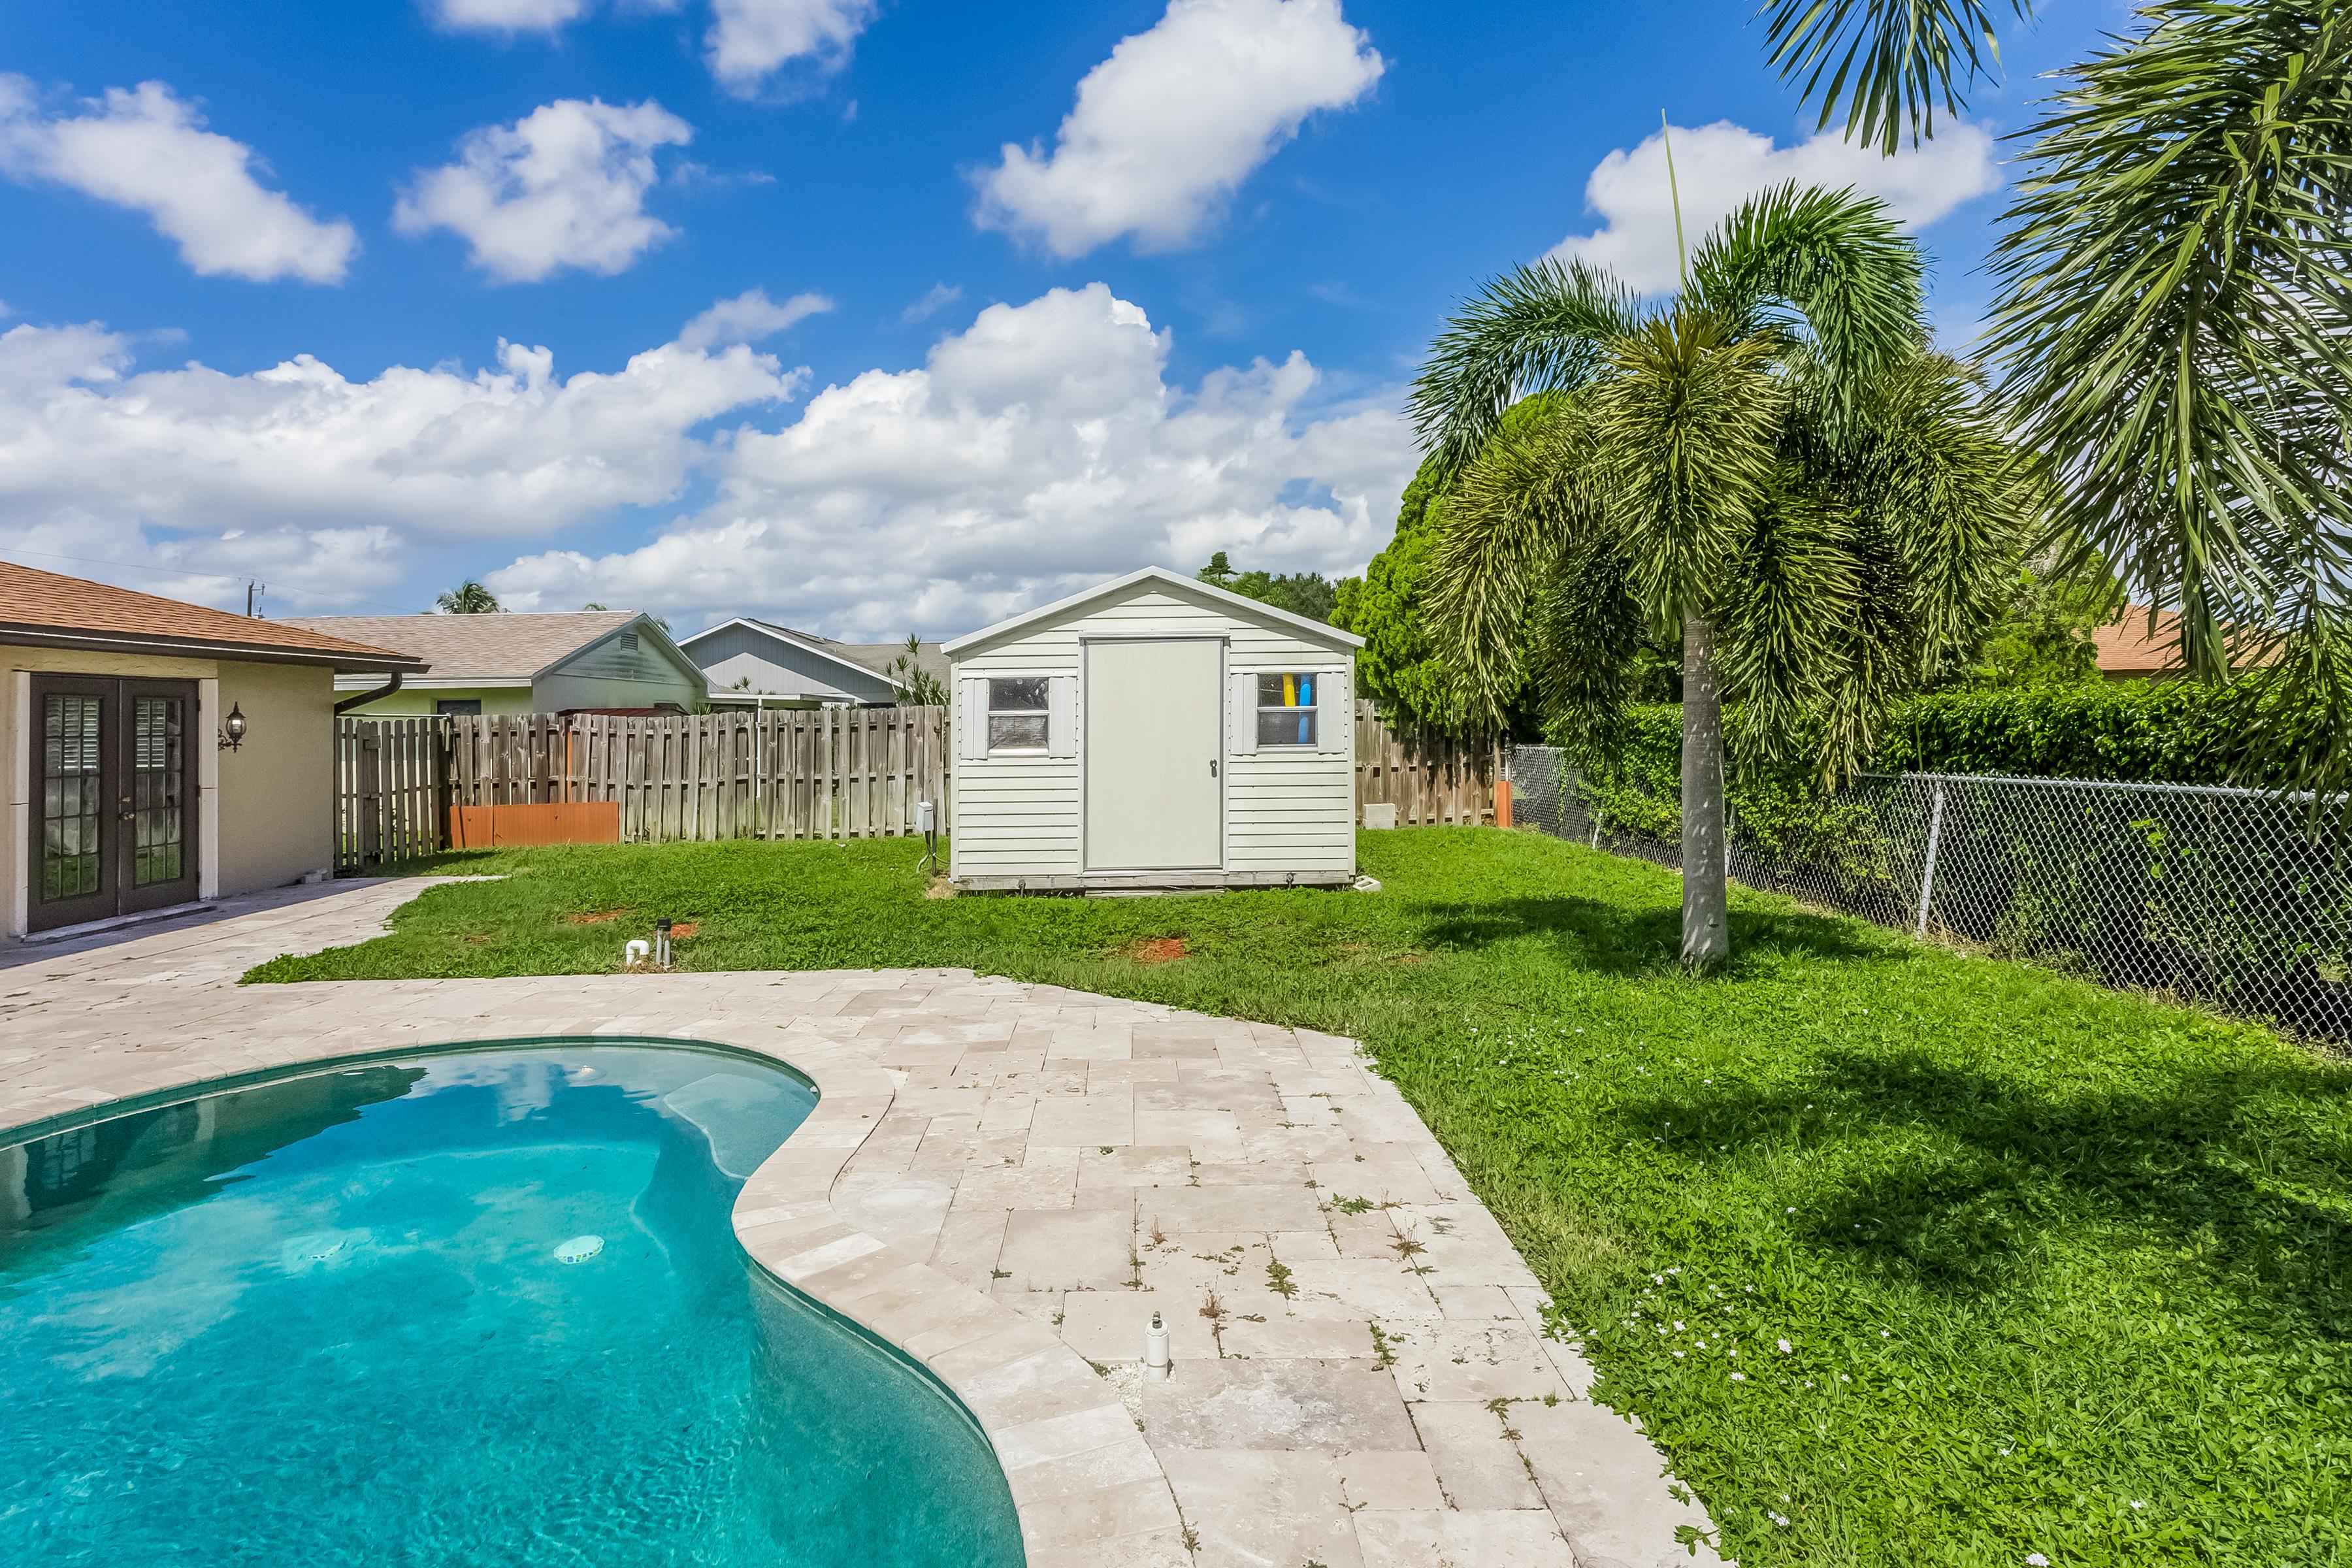 Photo of 1417 SE 31st St, Cape Coral, FL, 33904